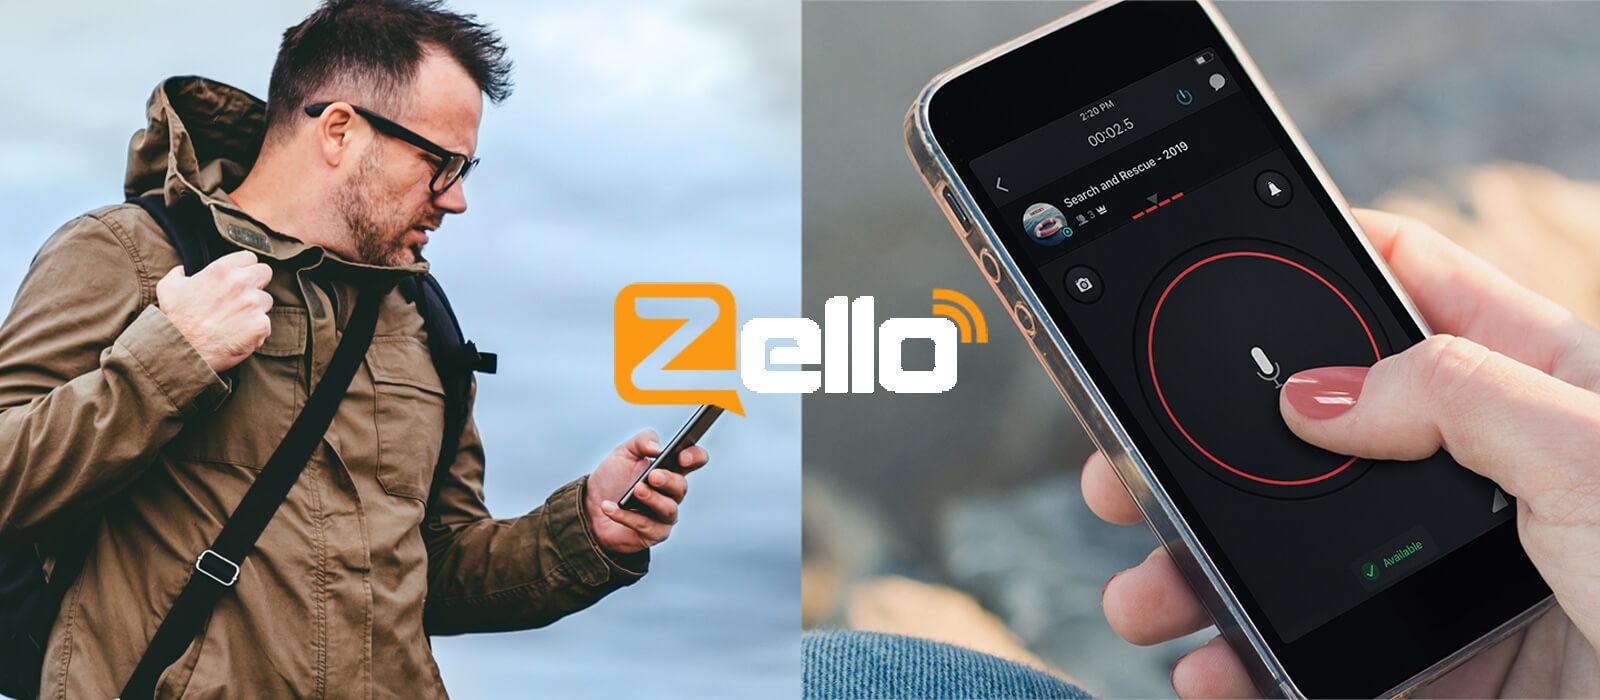 数据泄露后,Zello 重置所有用户密码